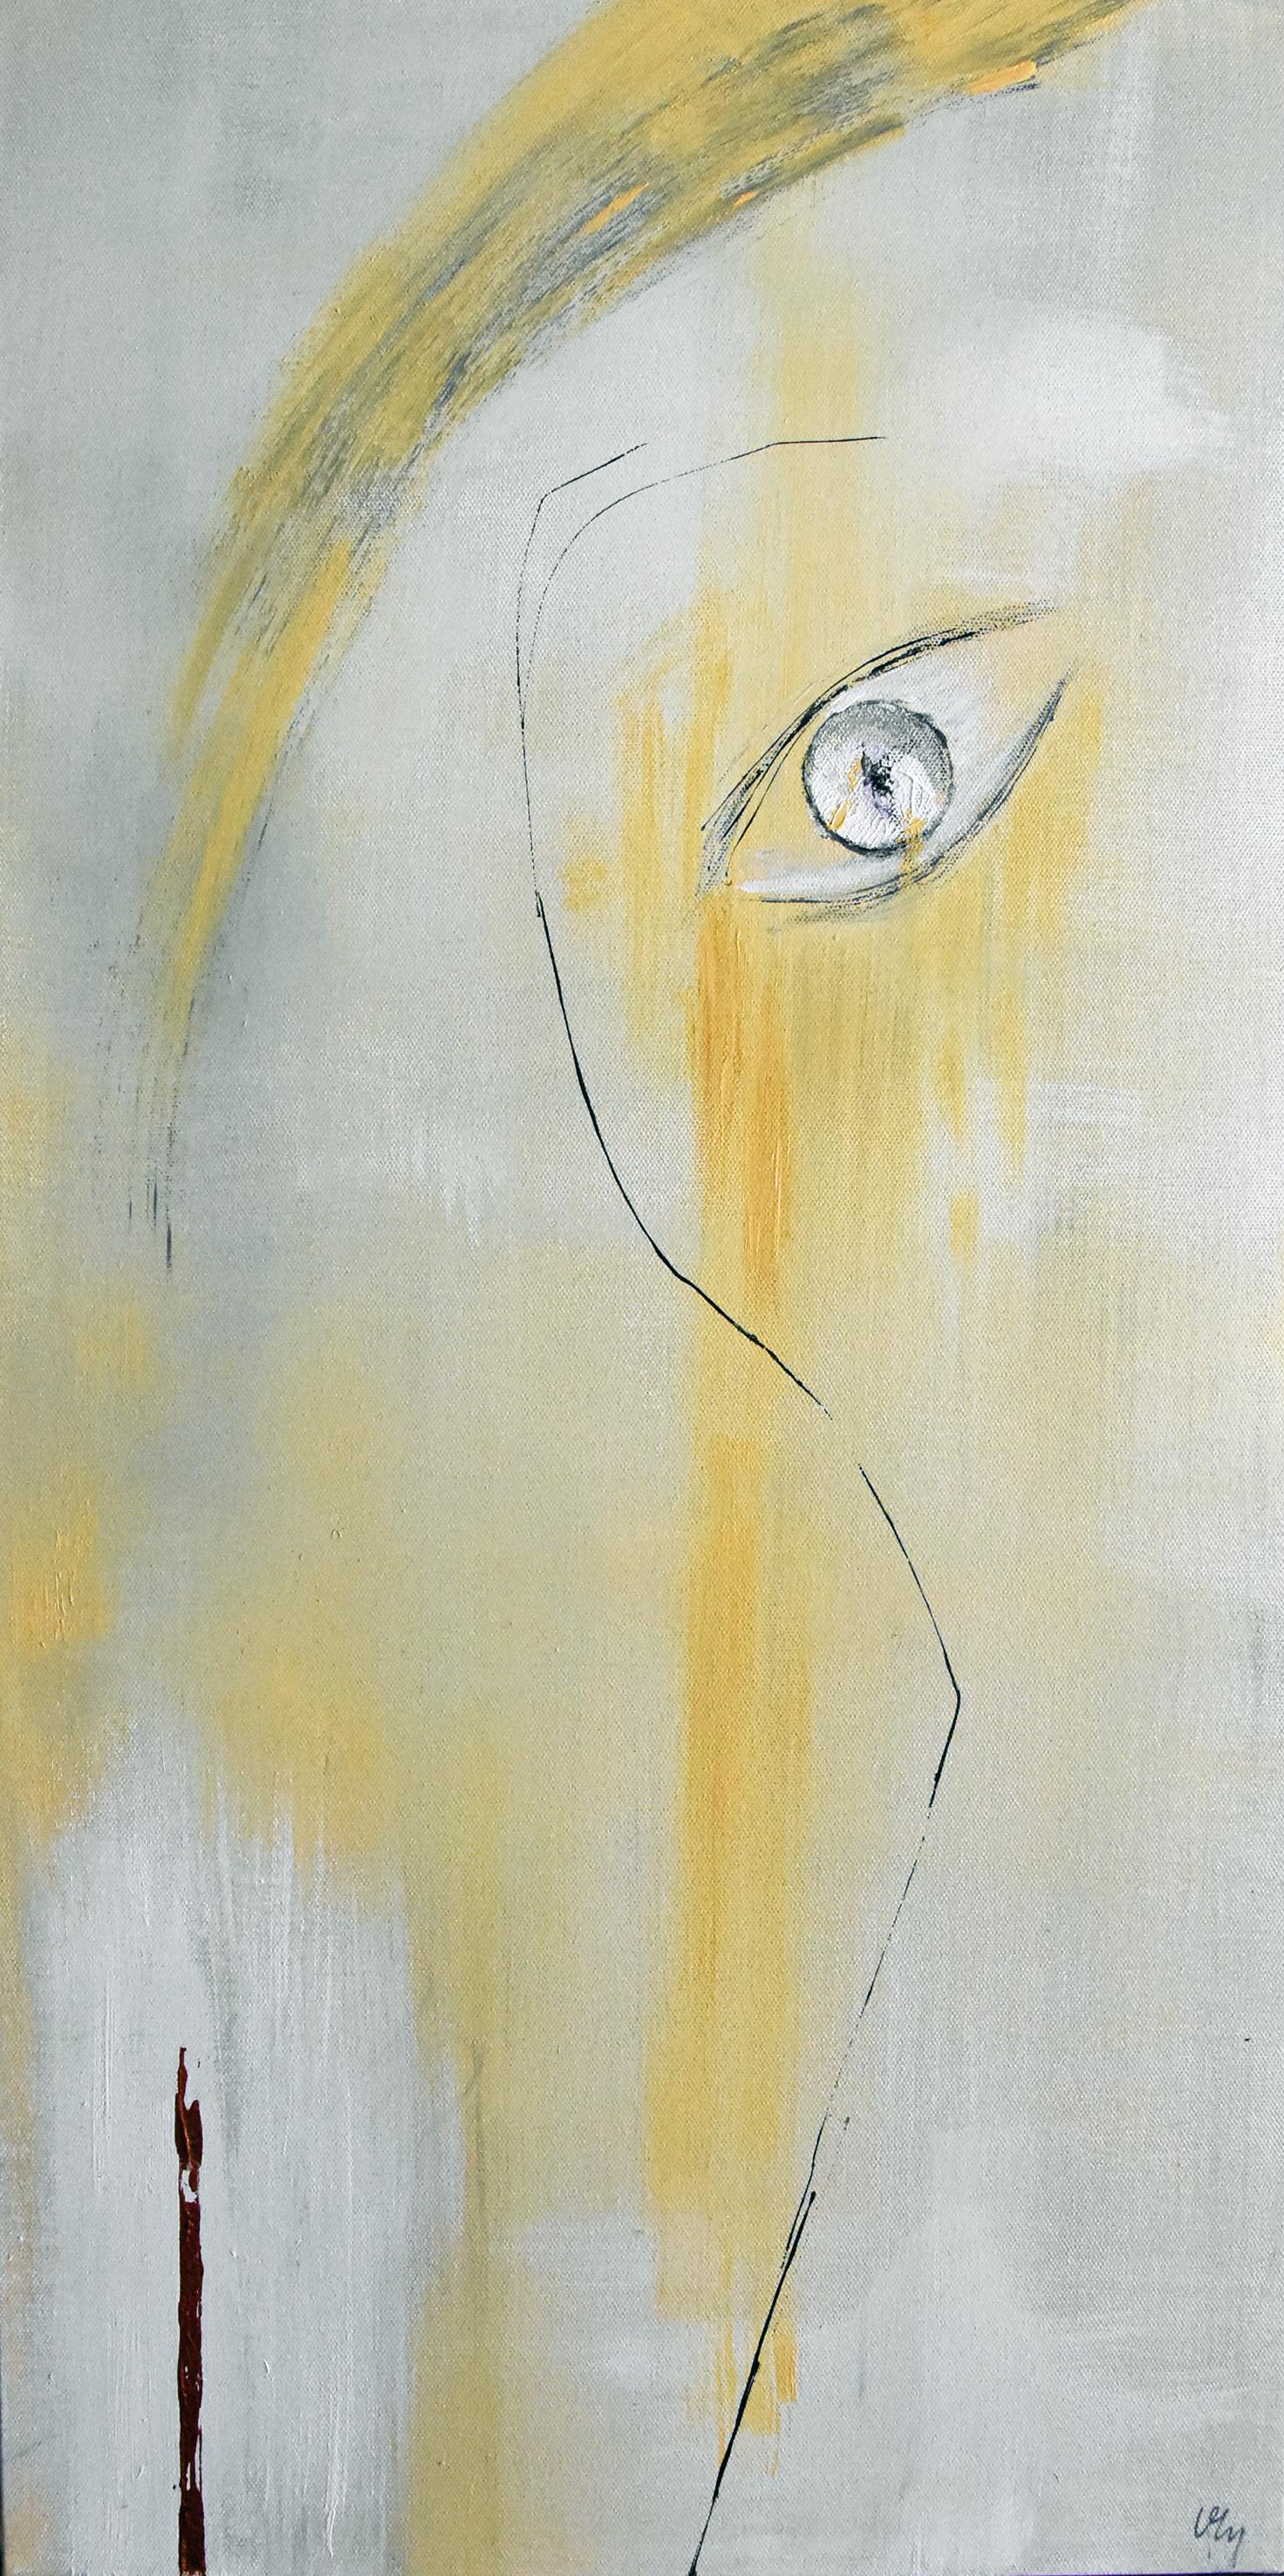 Autoportrait blond cendré